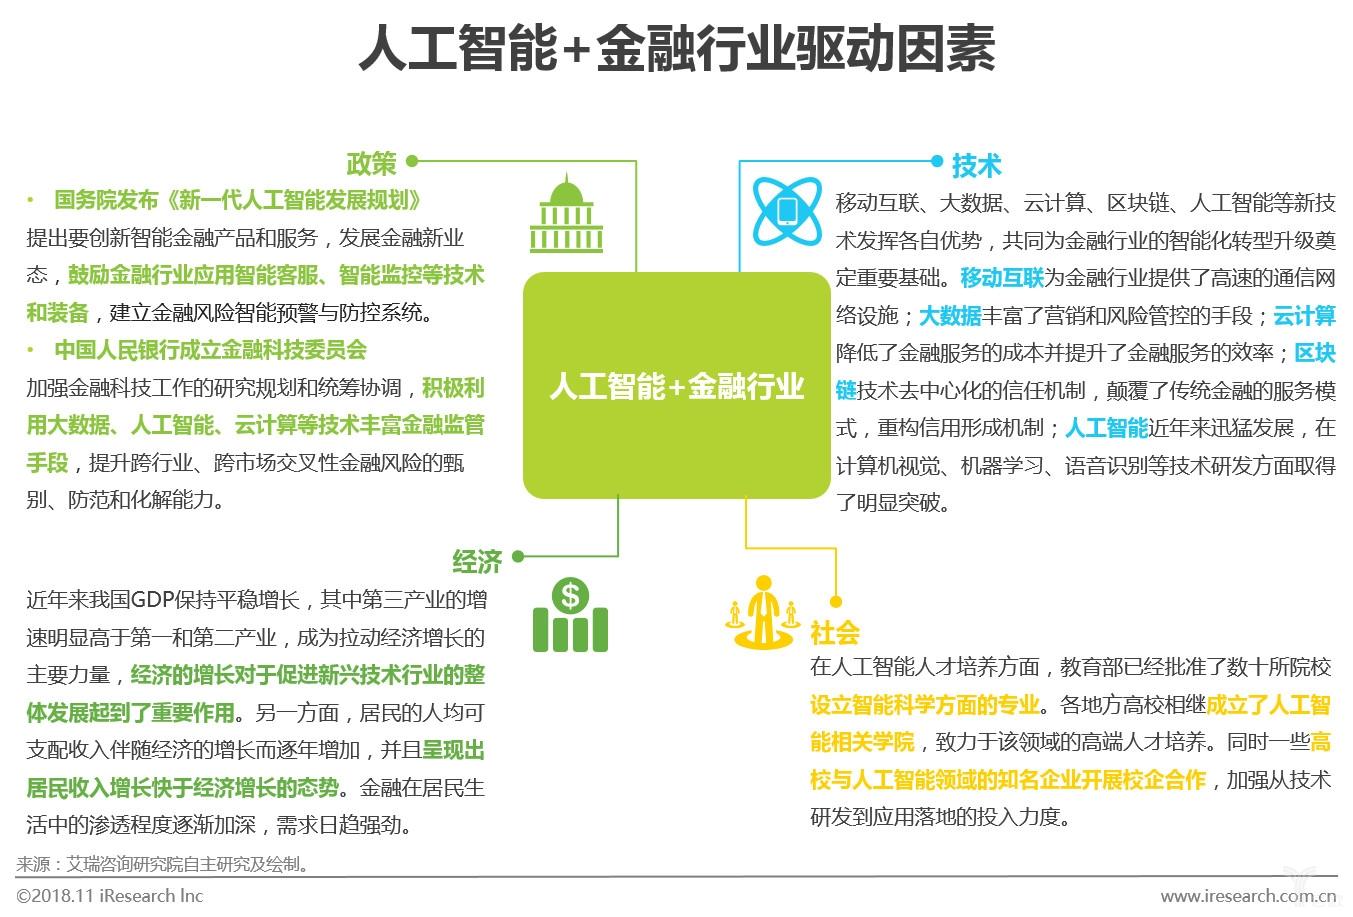 图三人工智能+金融行业驱动因素.jpg